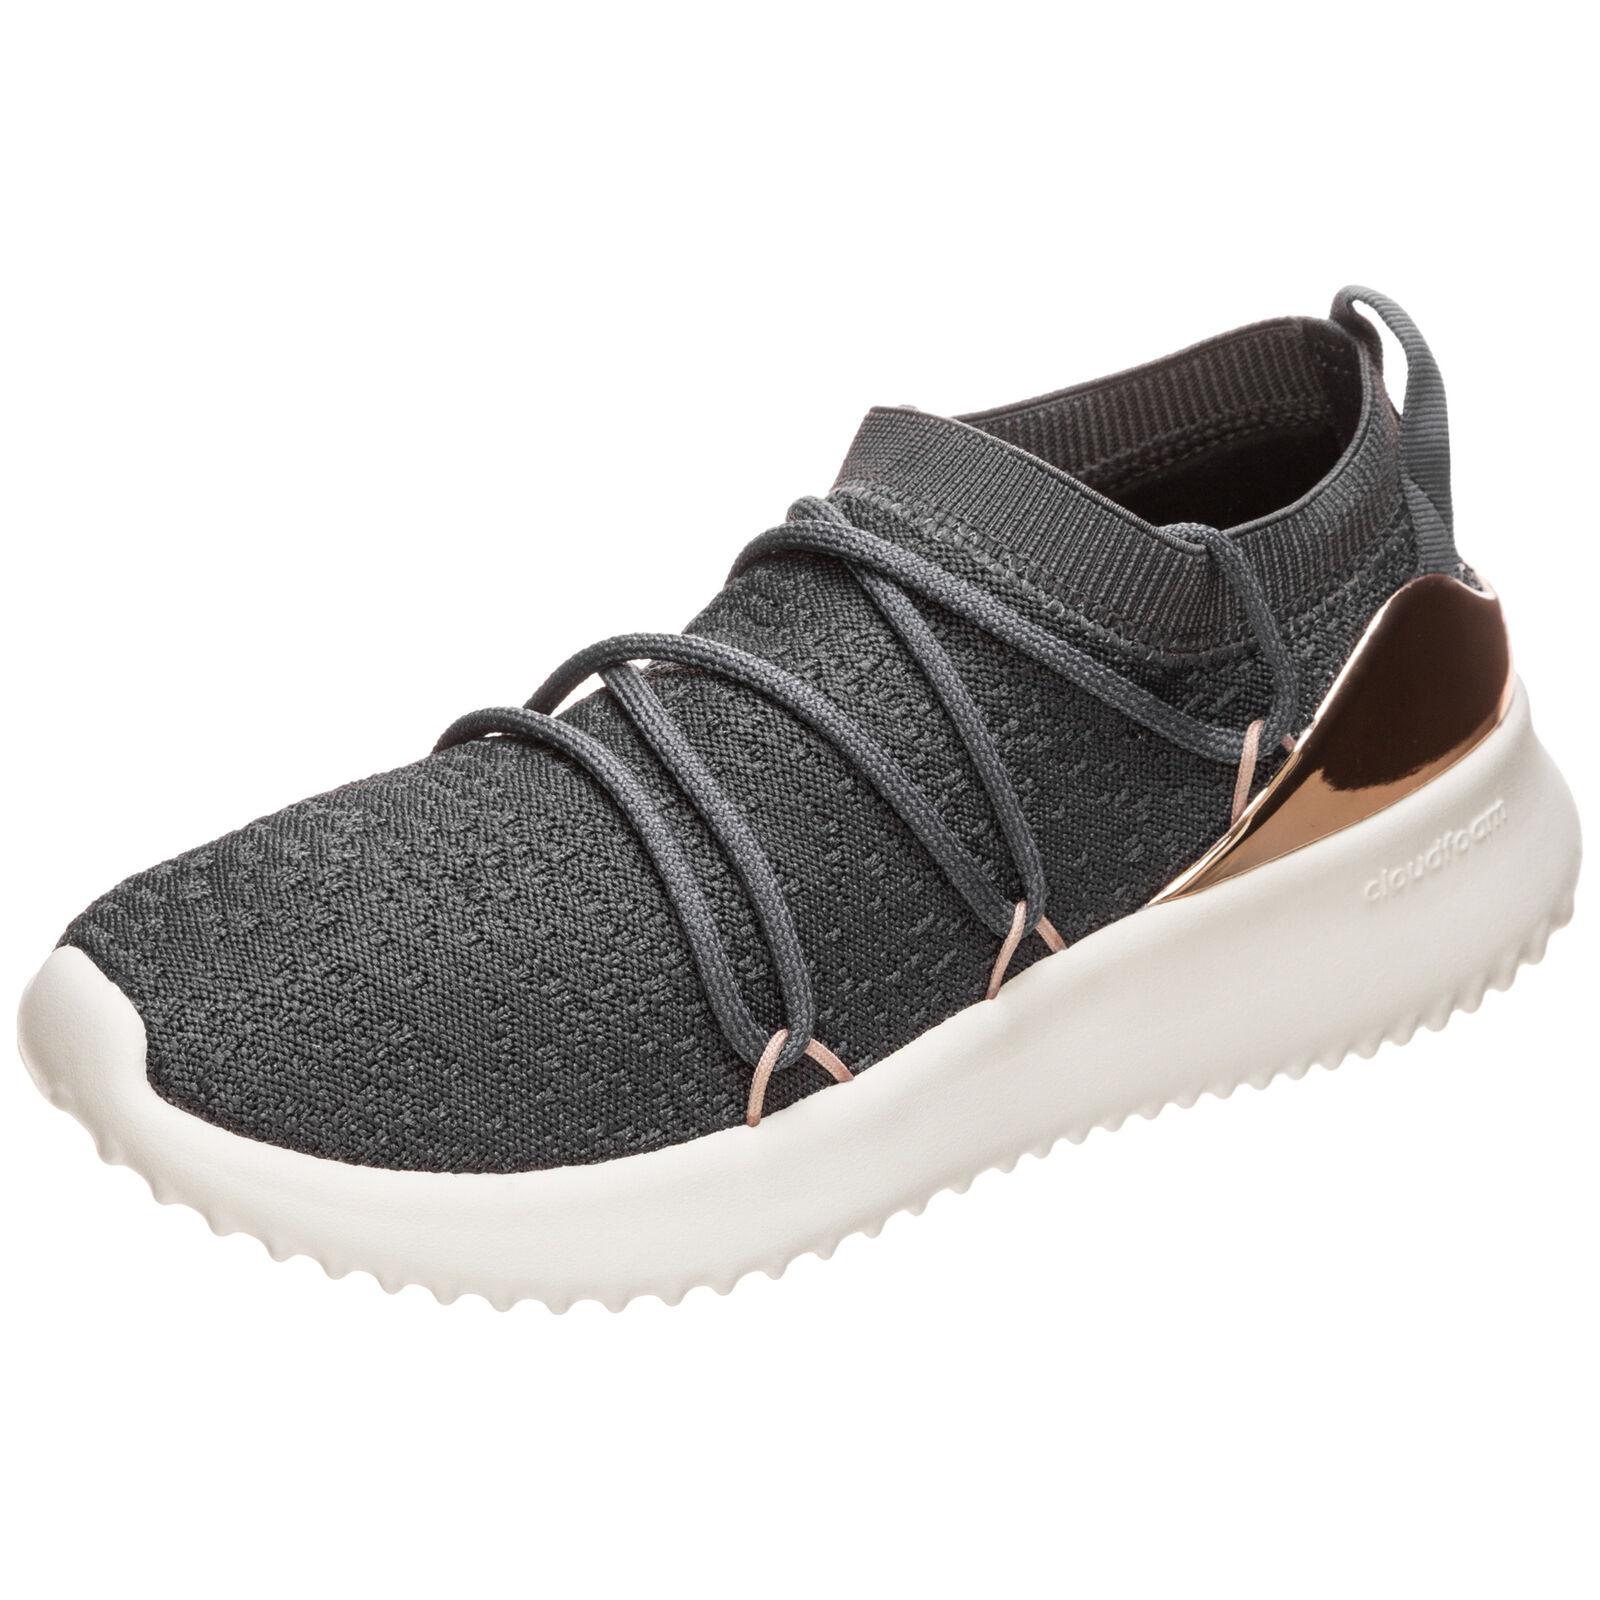 Adidas Sport Inspirot Ultimamotion Turnschuhe Damen NEU Schuhe Turnschuhe